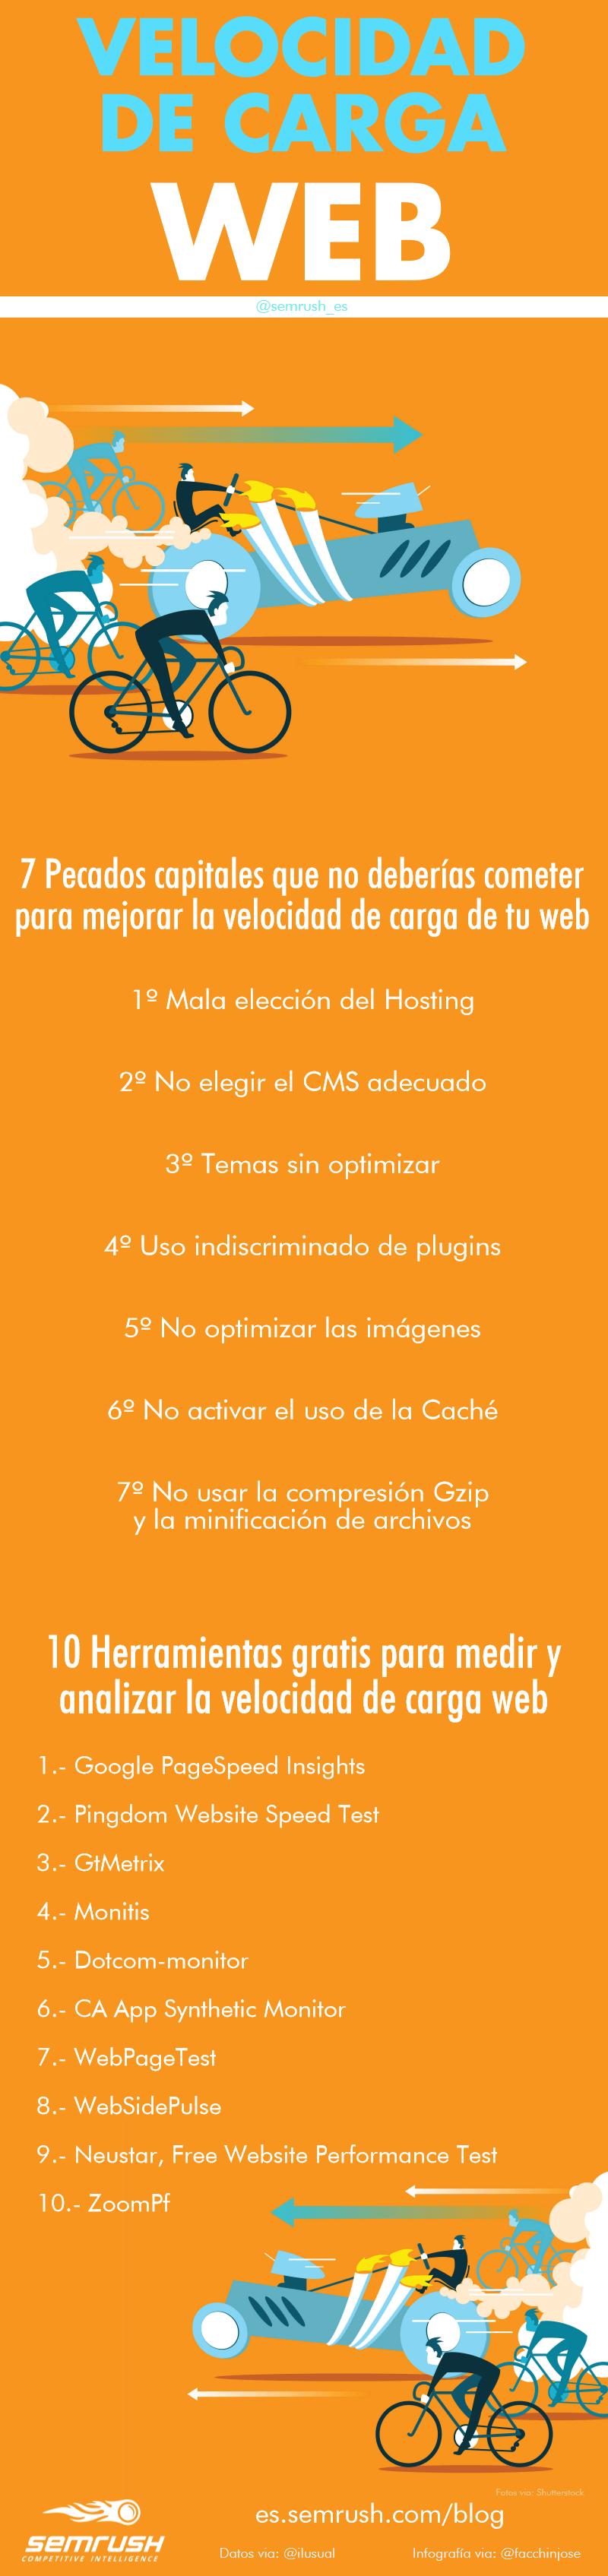 Los 7 pecados capitales que no deberías cometer para mejorar la velocidad de carga de una página web